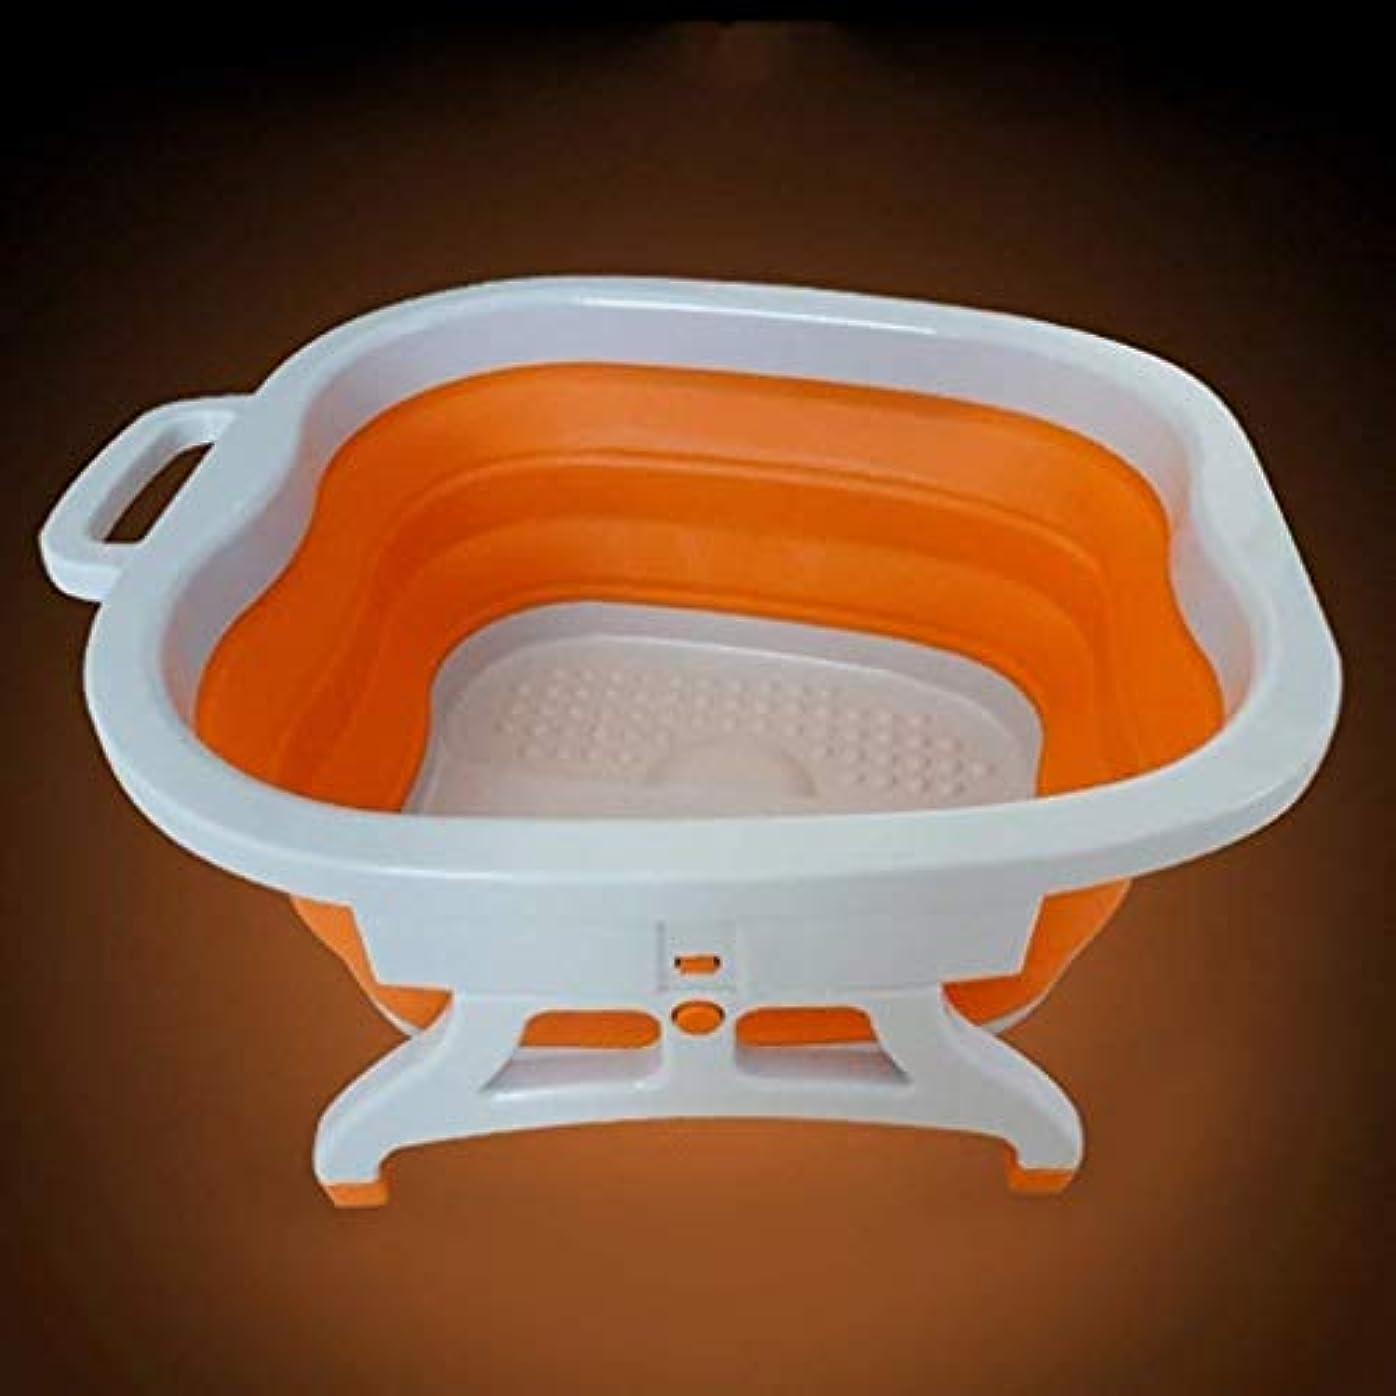 コーラス解体する国際フットバスバレル、スクエア発泡プラスチックボウル、取っ手付きポータブルフットバスバレル、多機能、折り畳み式 (Color : オレンジ)